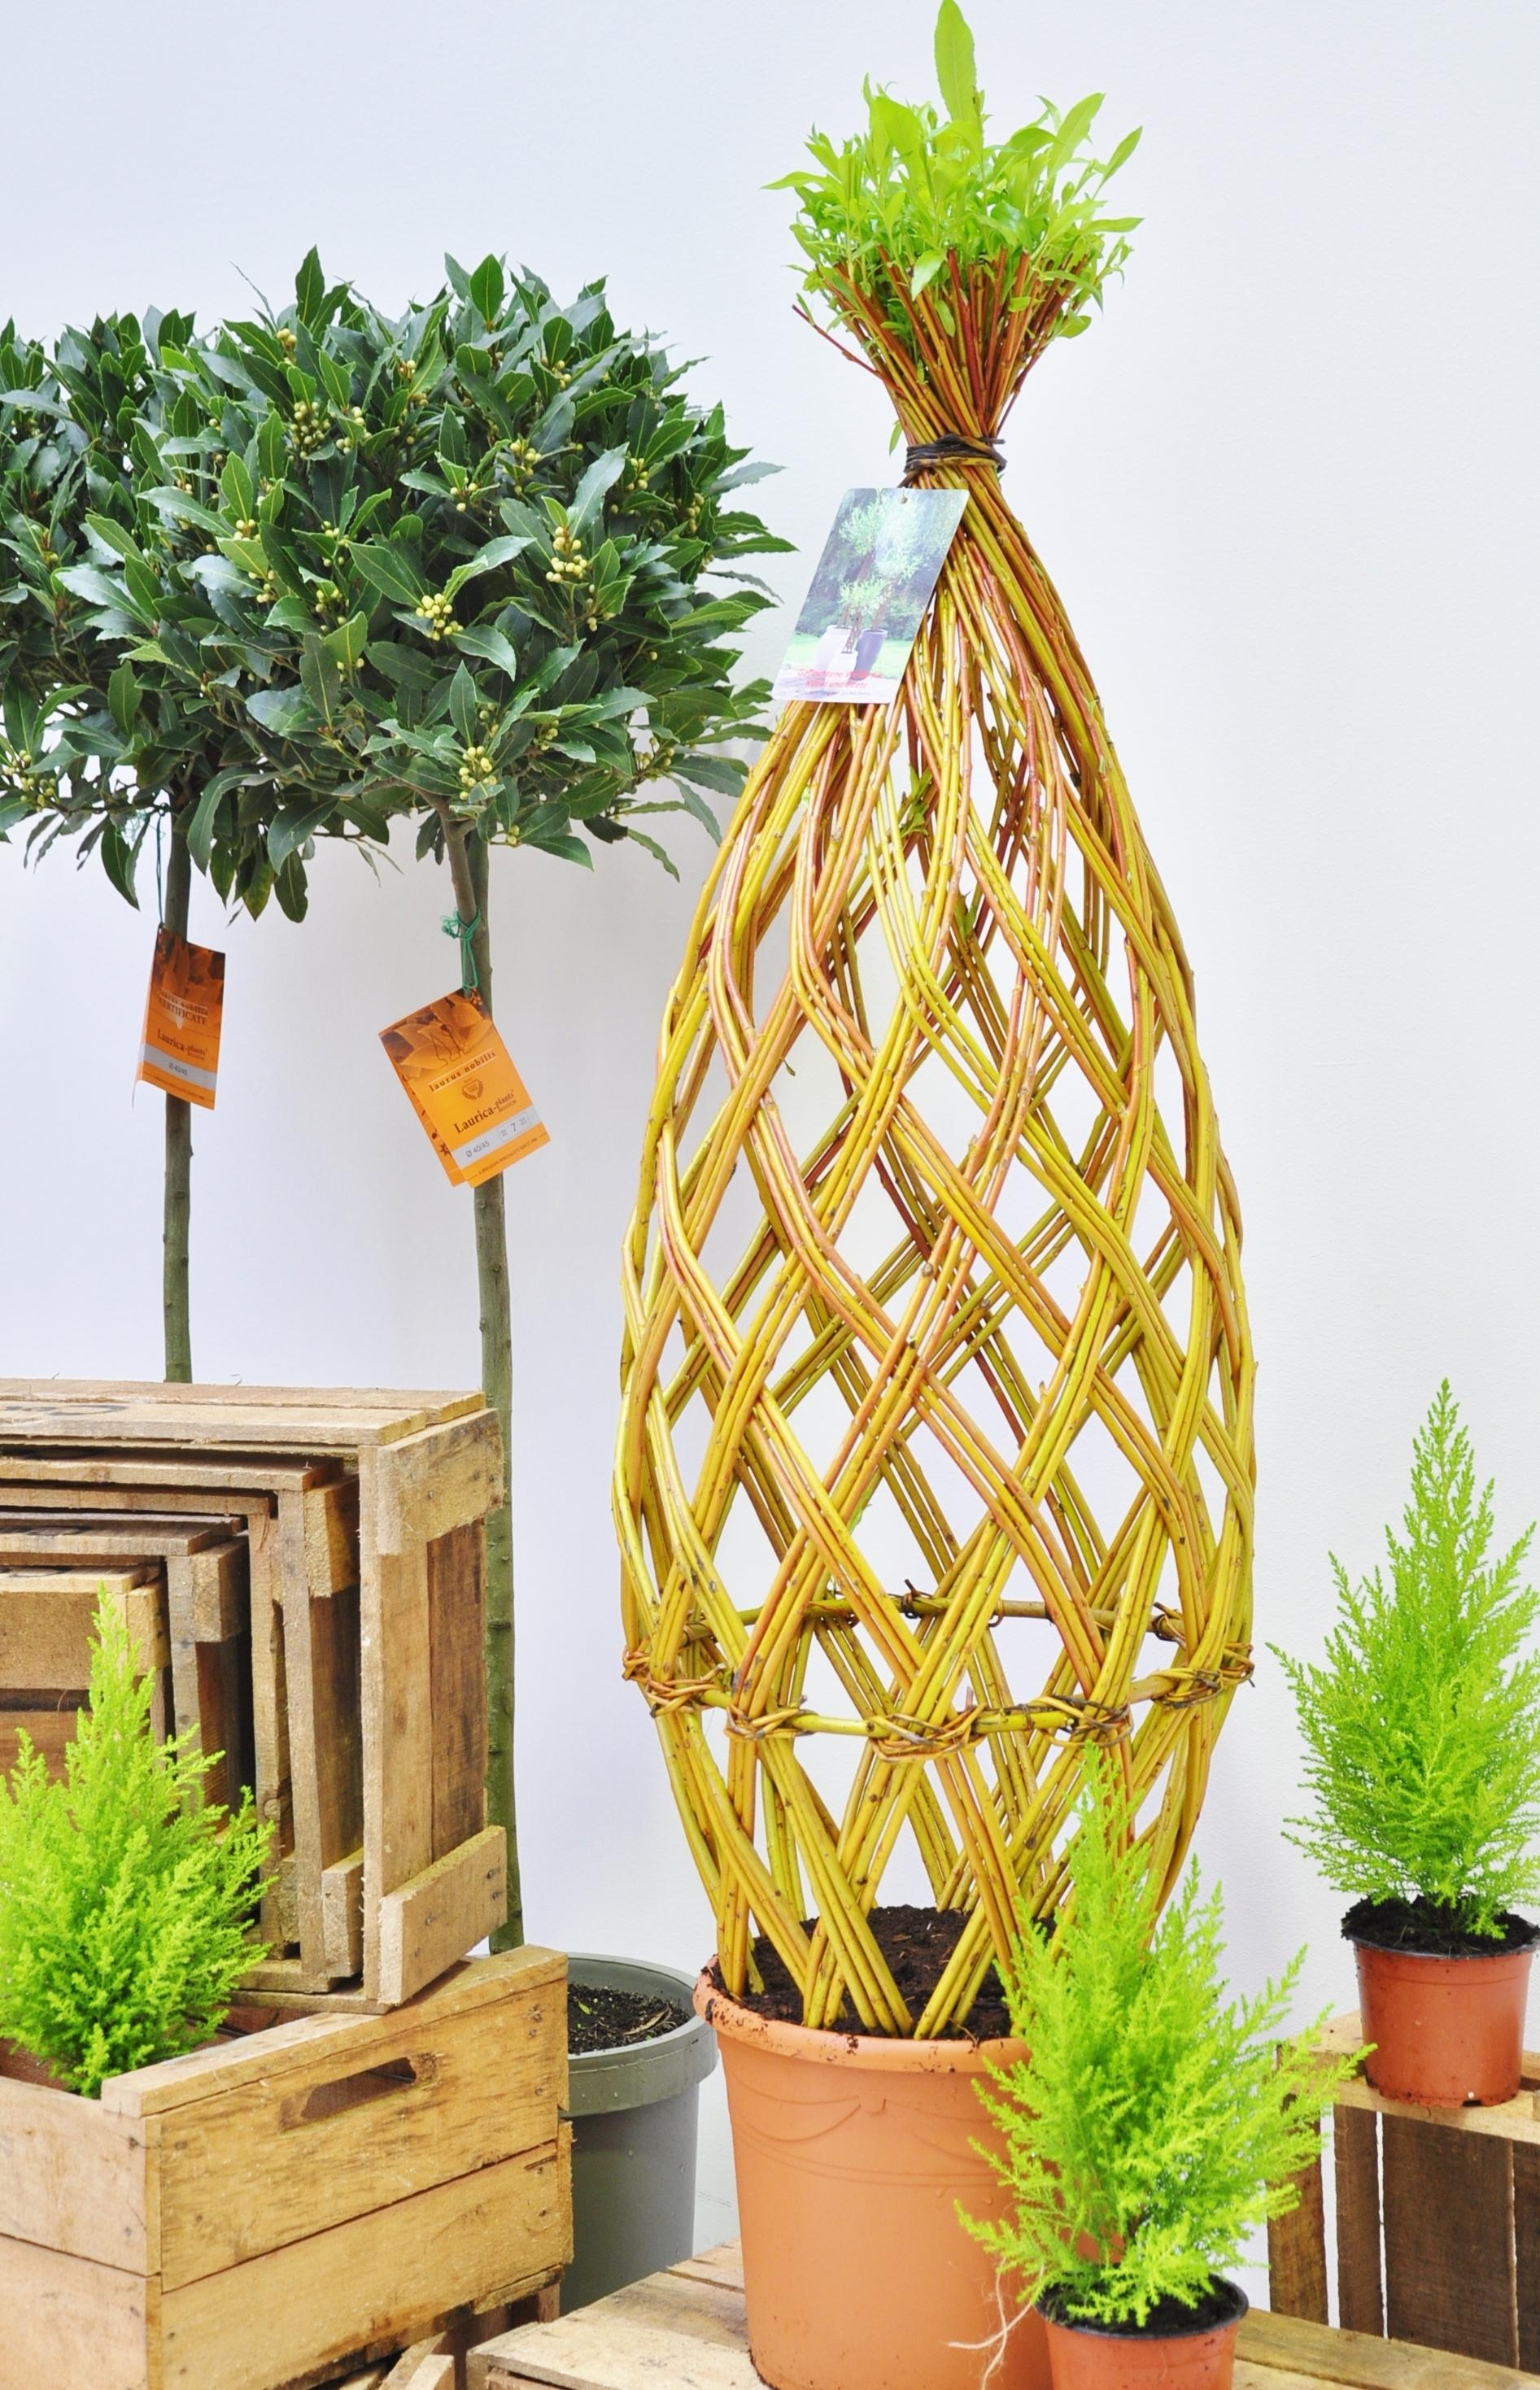 weidenbaum geflochten hell gro e kugel neu der palmenmann. Black Bedroom Furniture Sets. Home Design Ideas